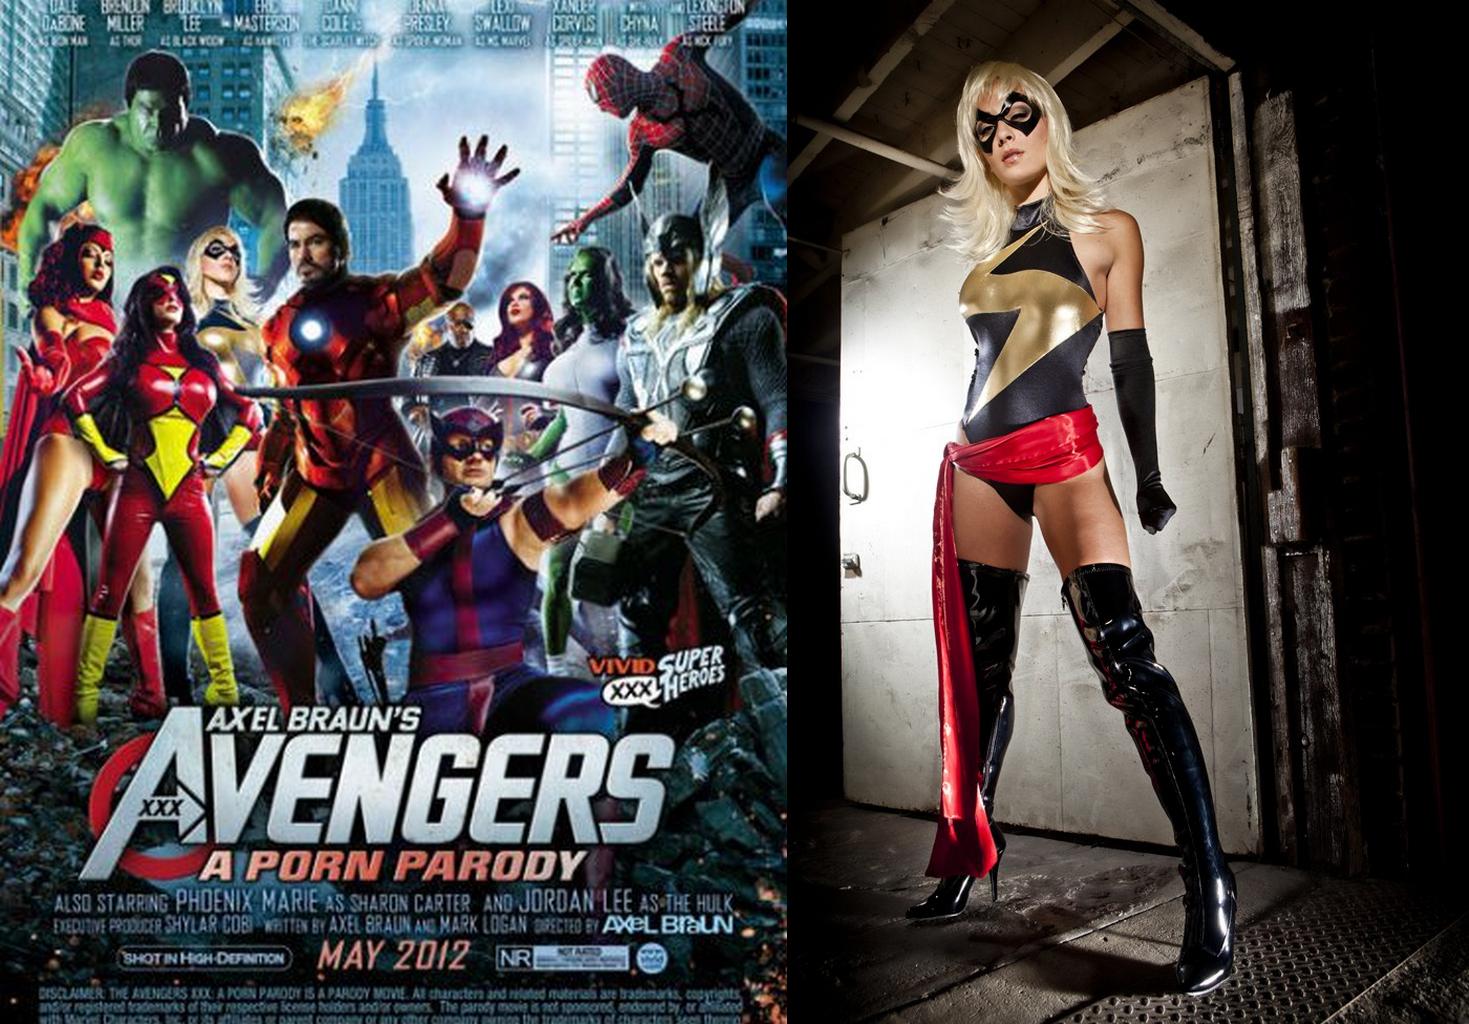 Смотреть порно породию про супер героев